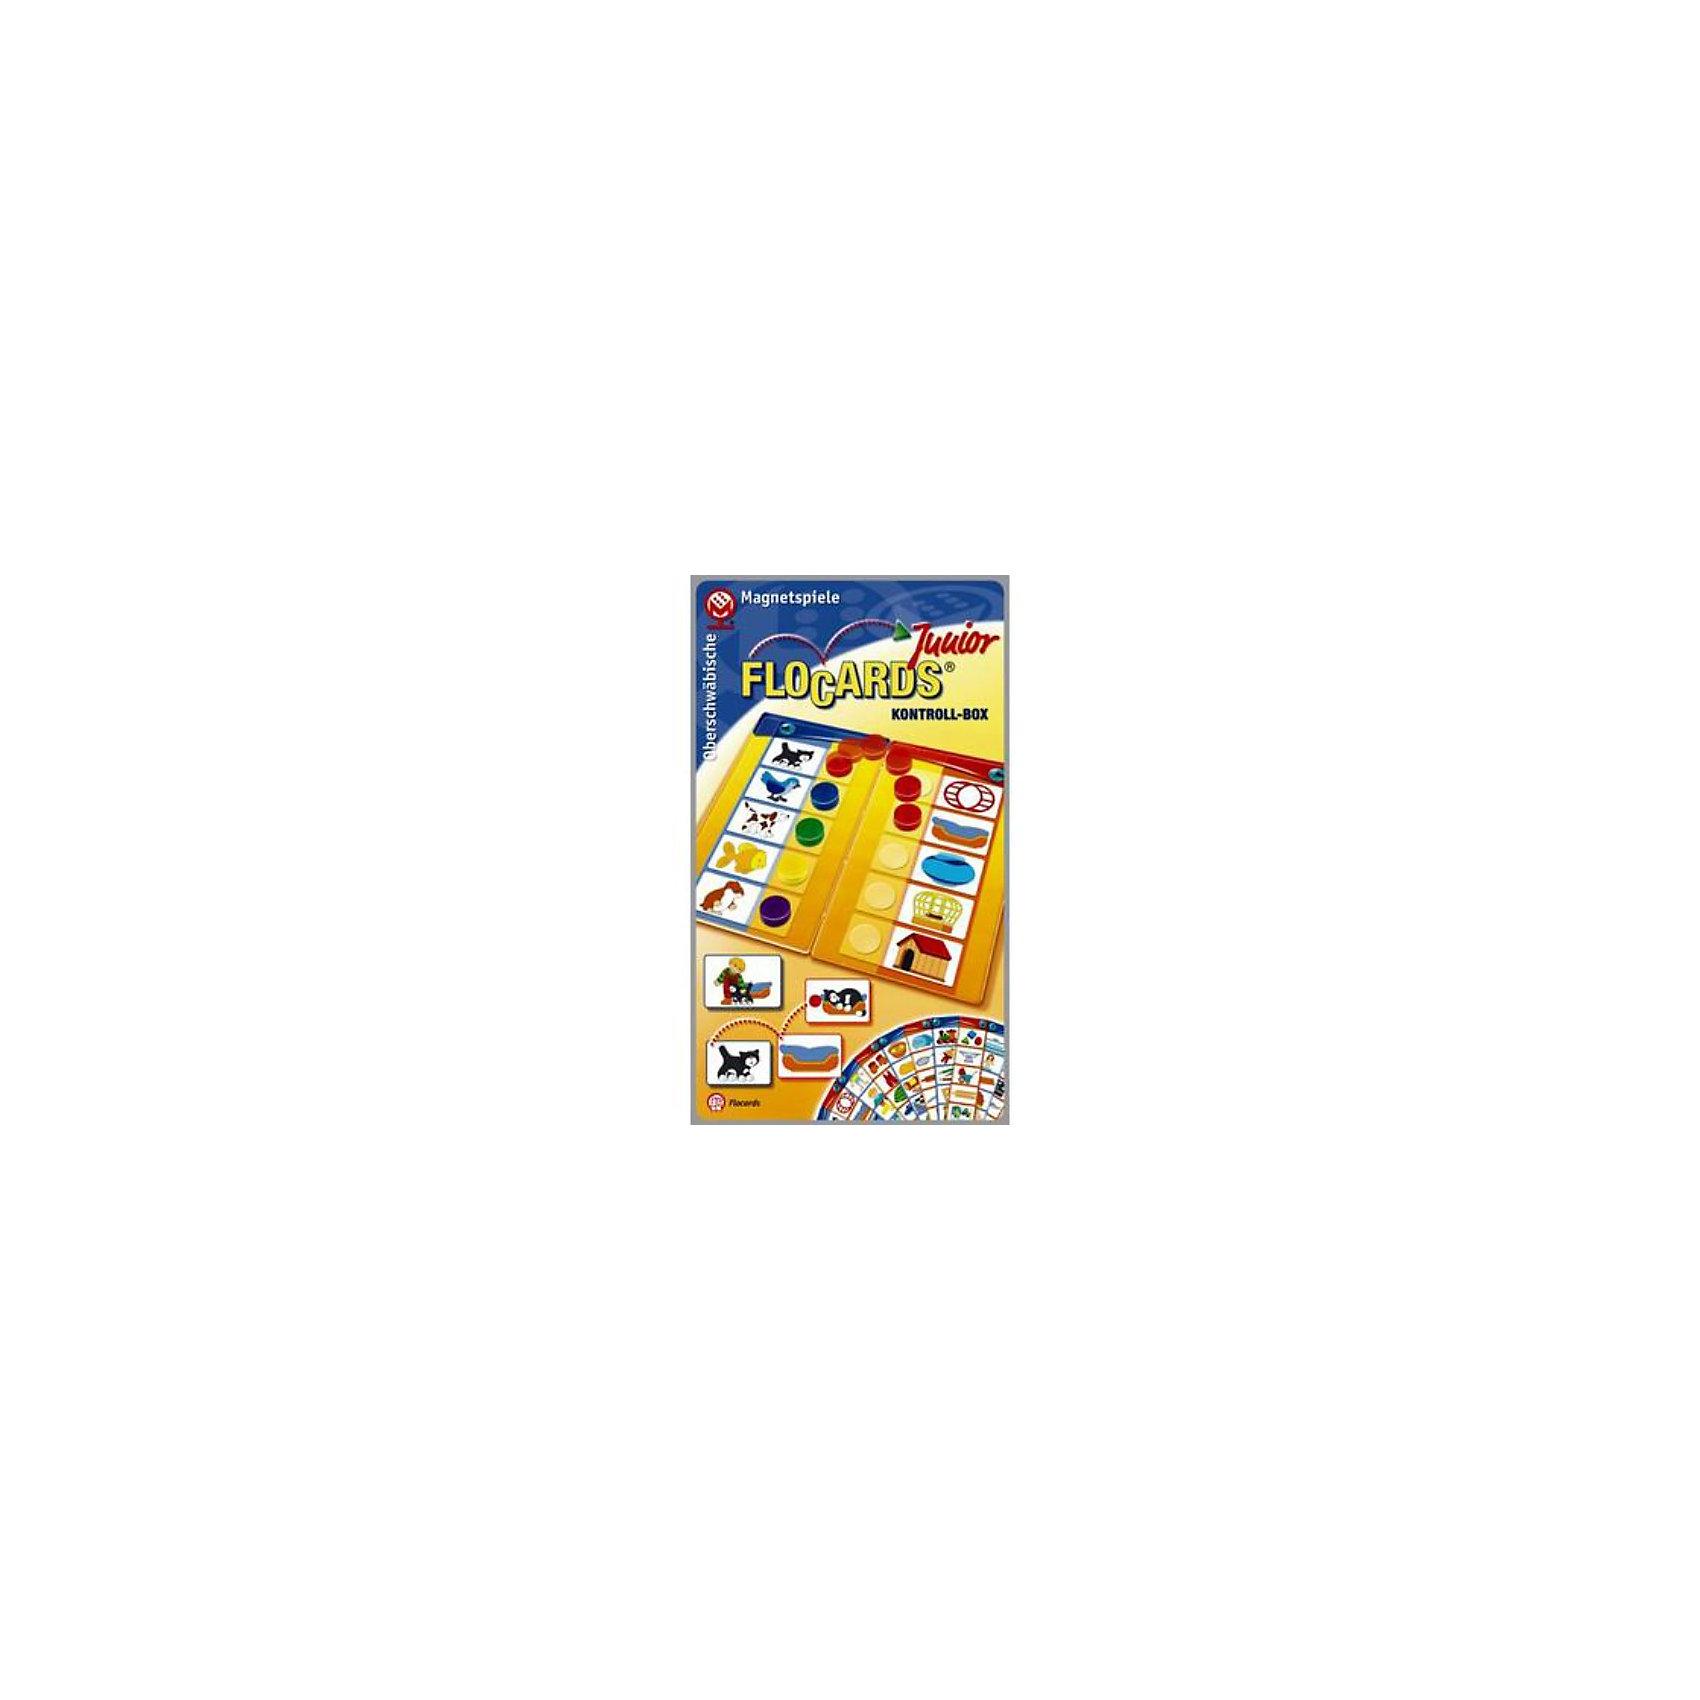 Magnetspiele, Flocards юниор игровое поле с магнитными фигурами